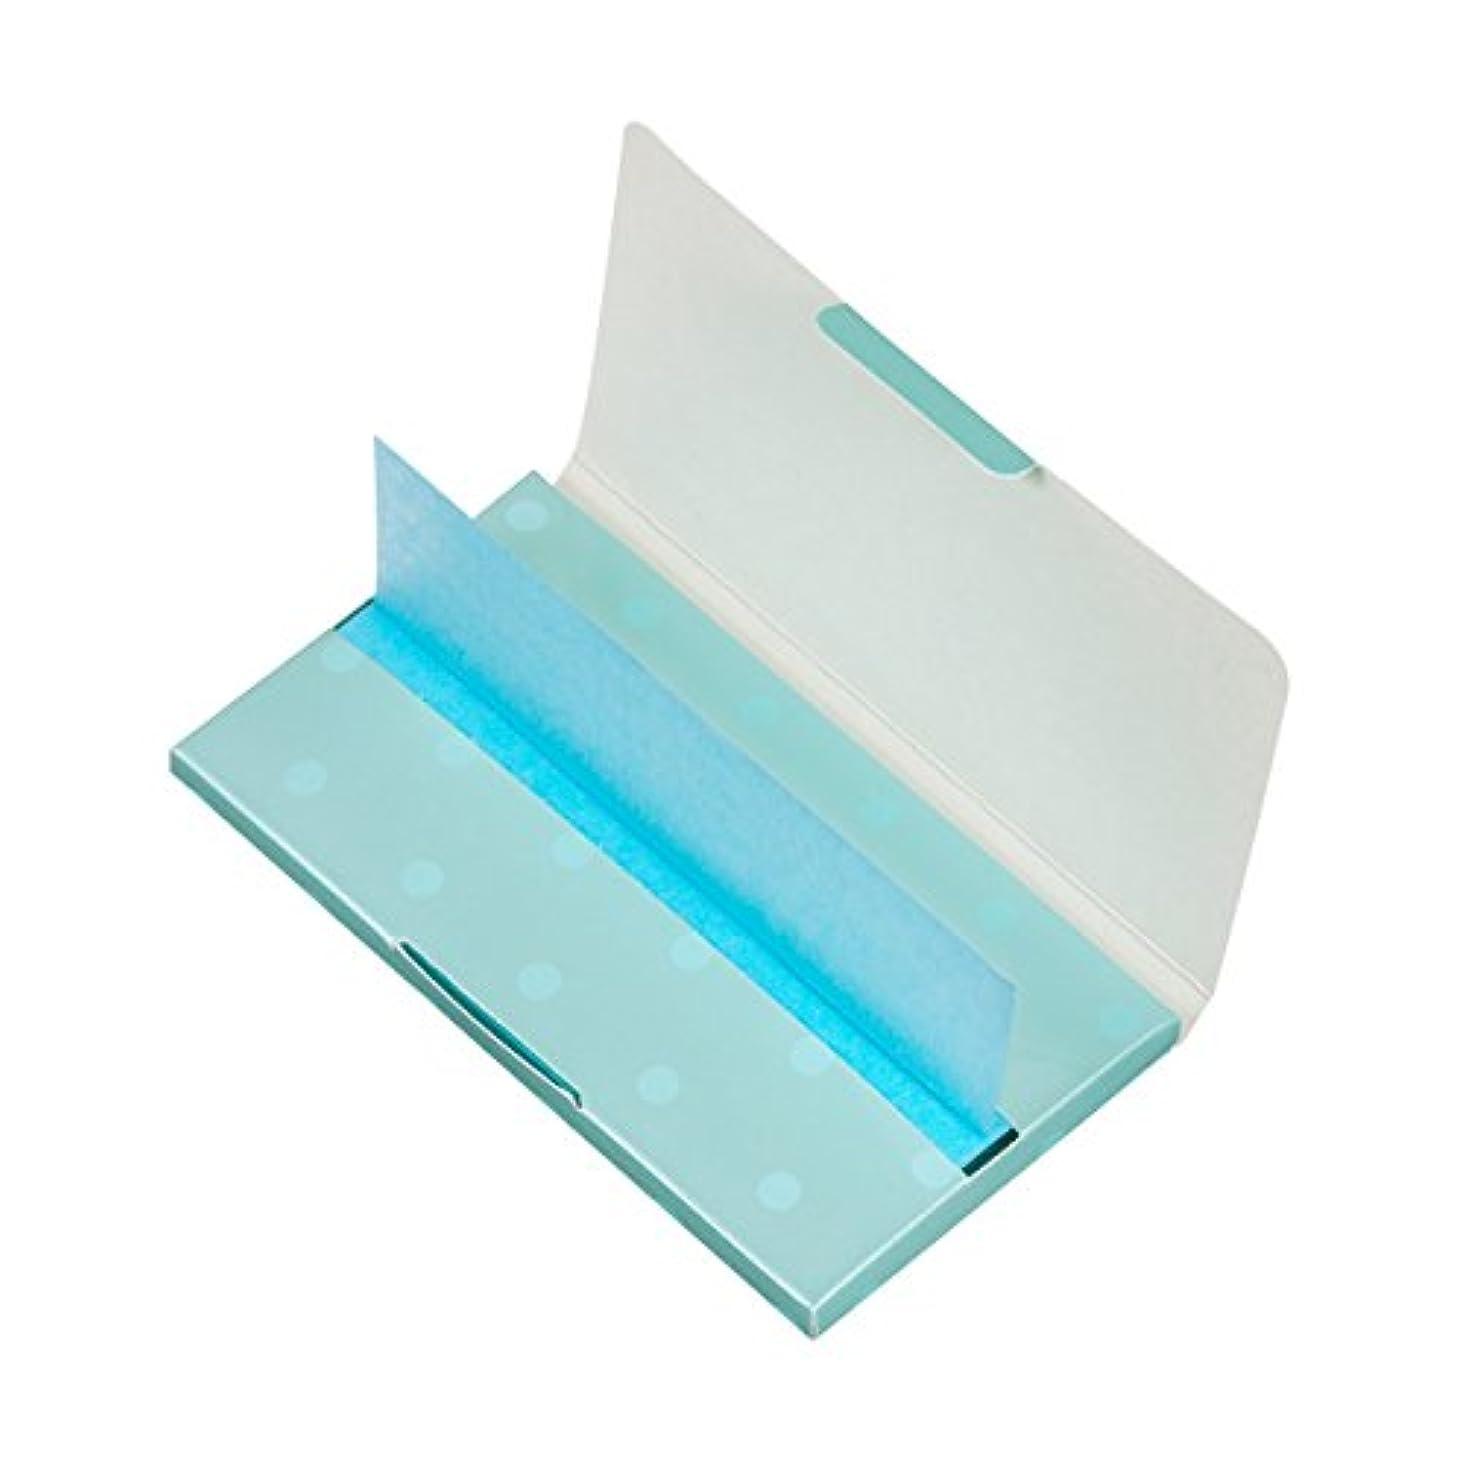 端セージシャープ資生堂 汗もとれるあぶらとり紙 010 90枚入